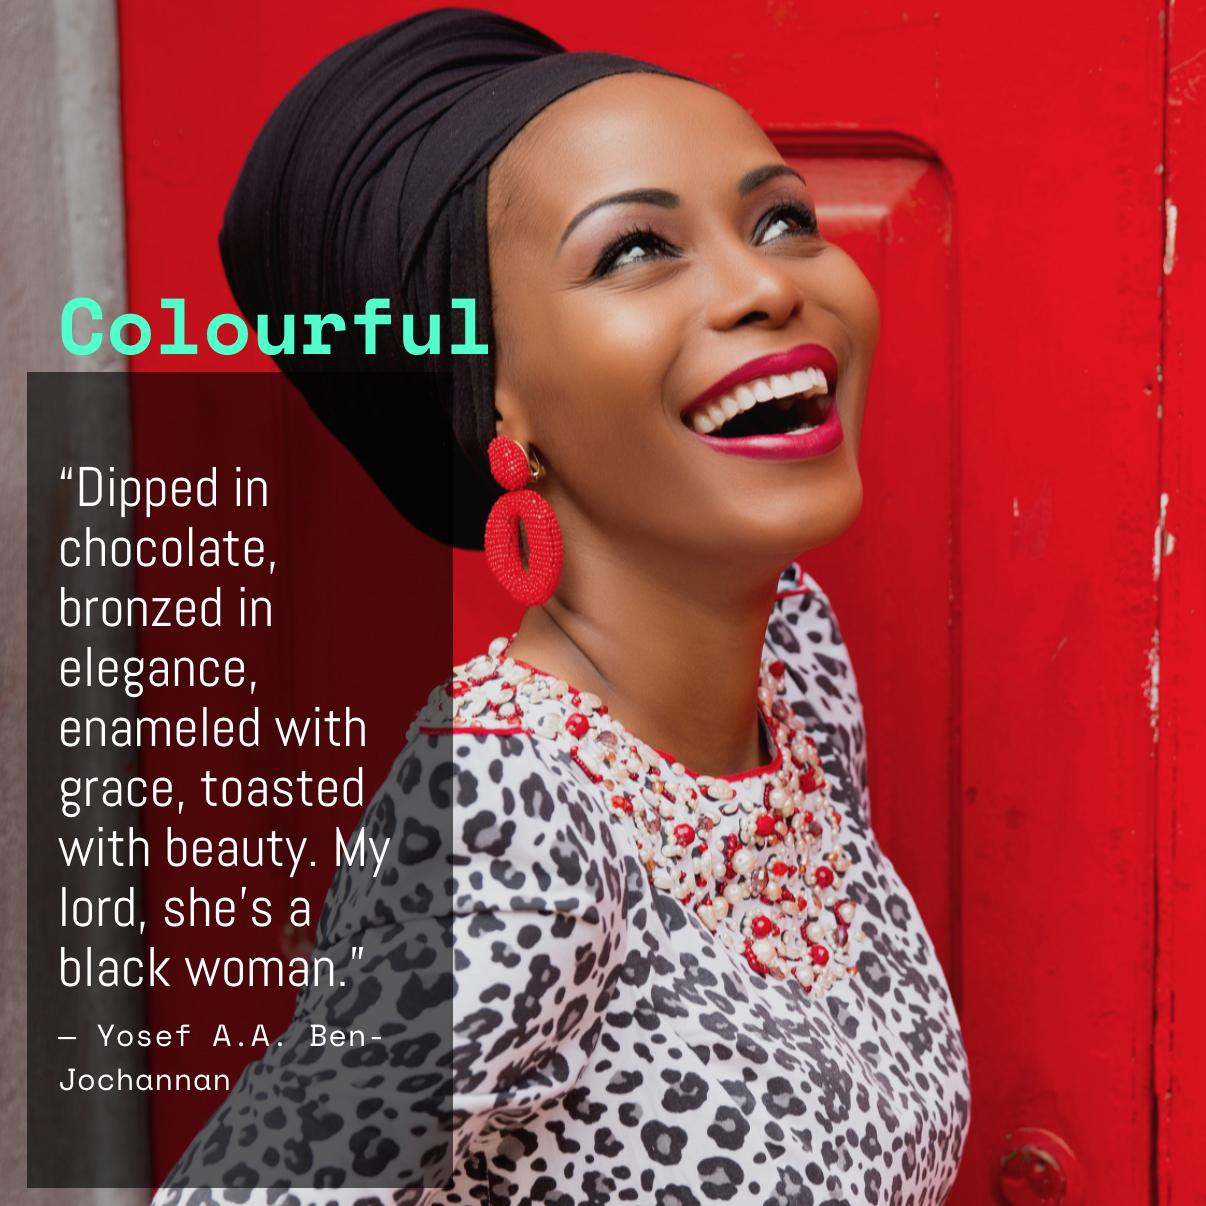 #colourful